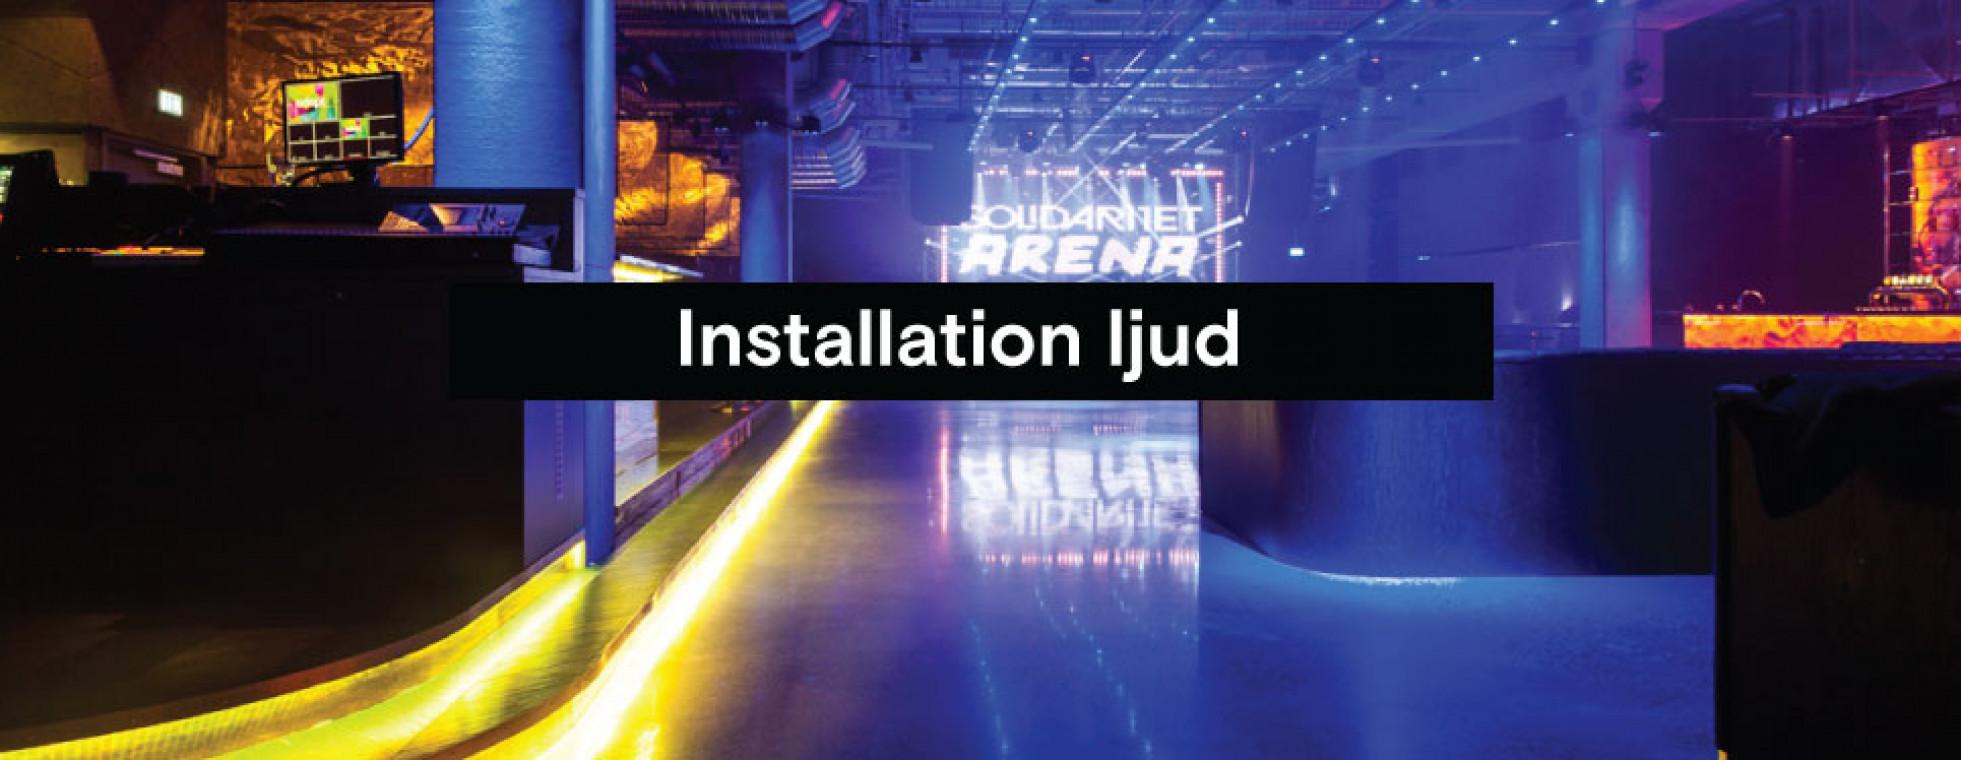 installation_ljud.jpg